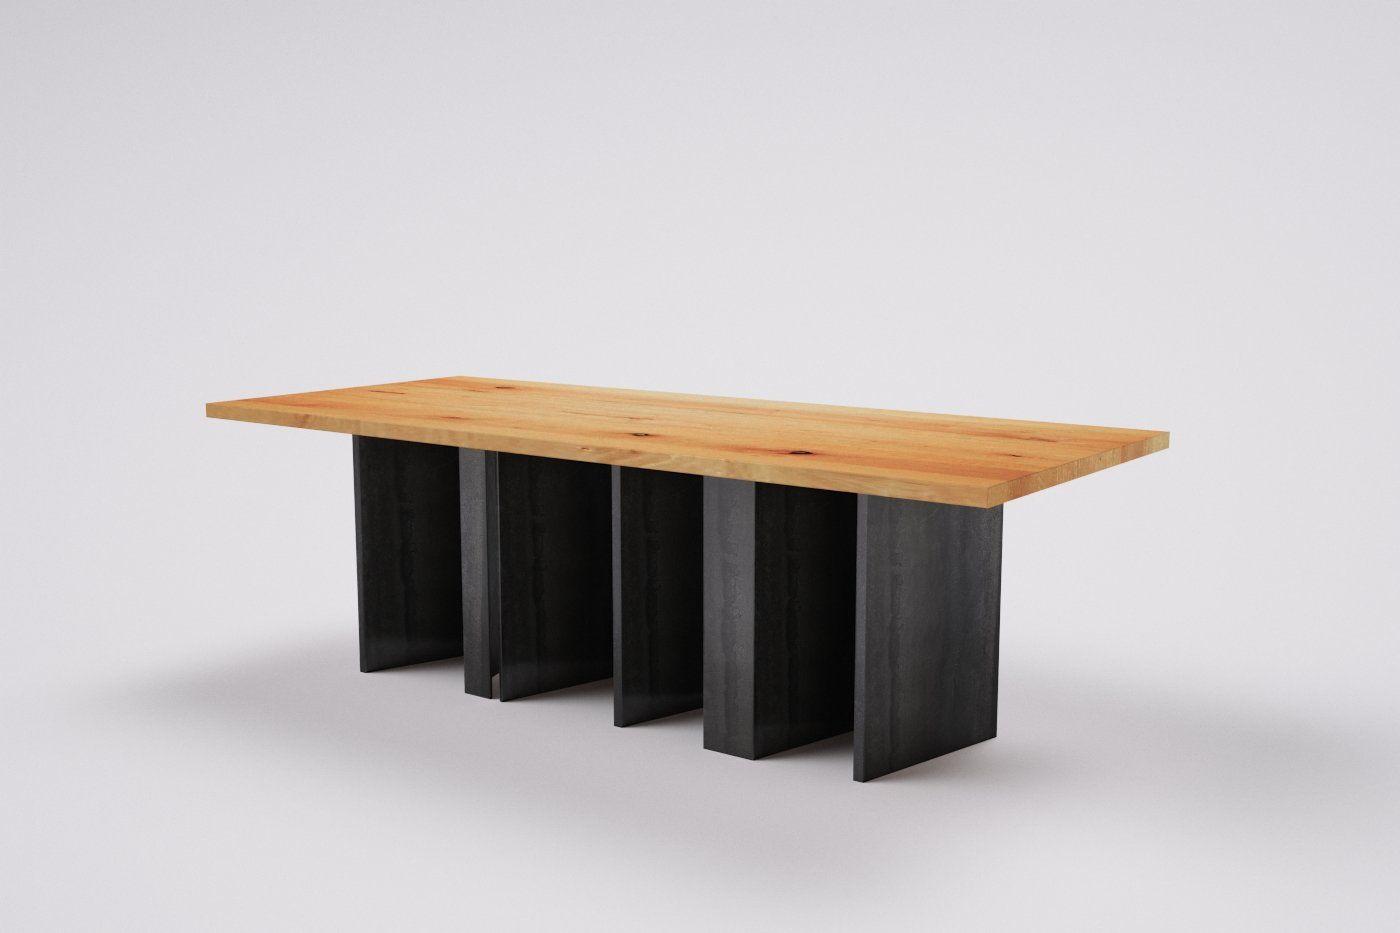 Holztisch Buche Massiv Mit Metallgestell Wohnsektion Holztisch Buche Holztisch Tisch